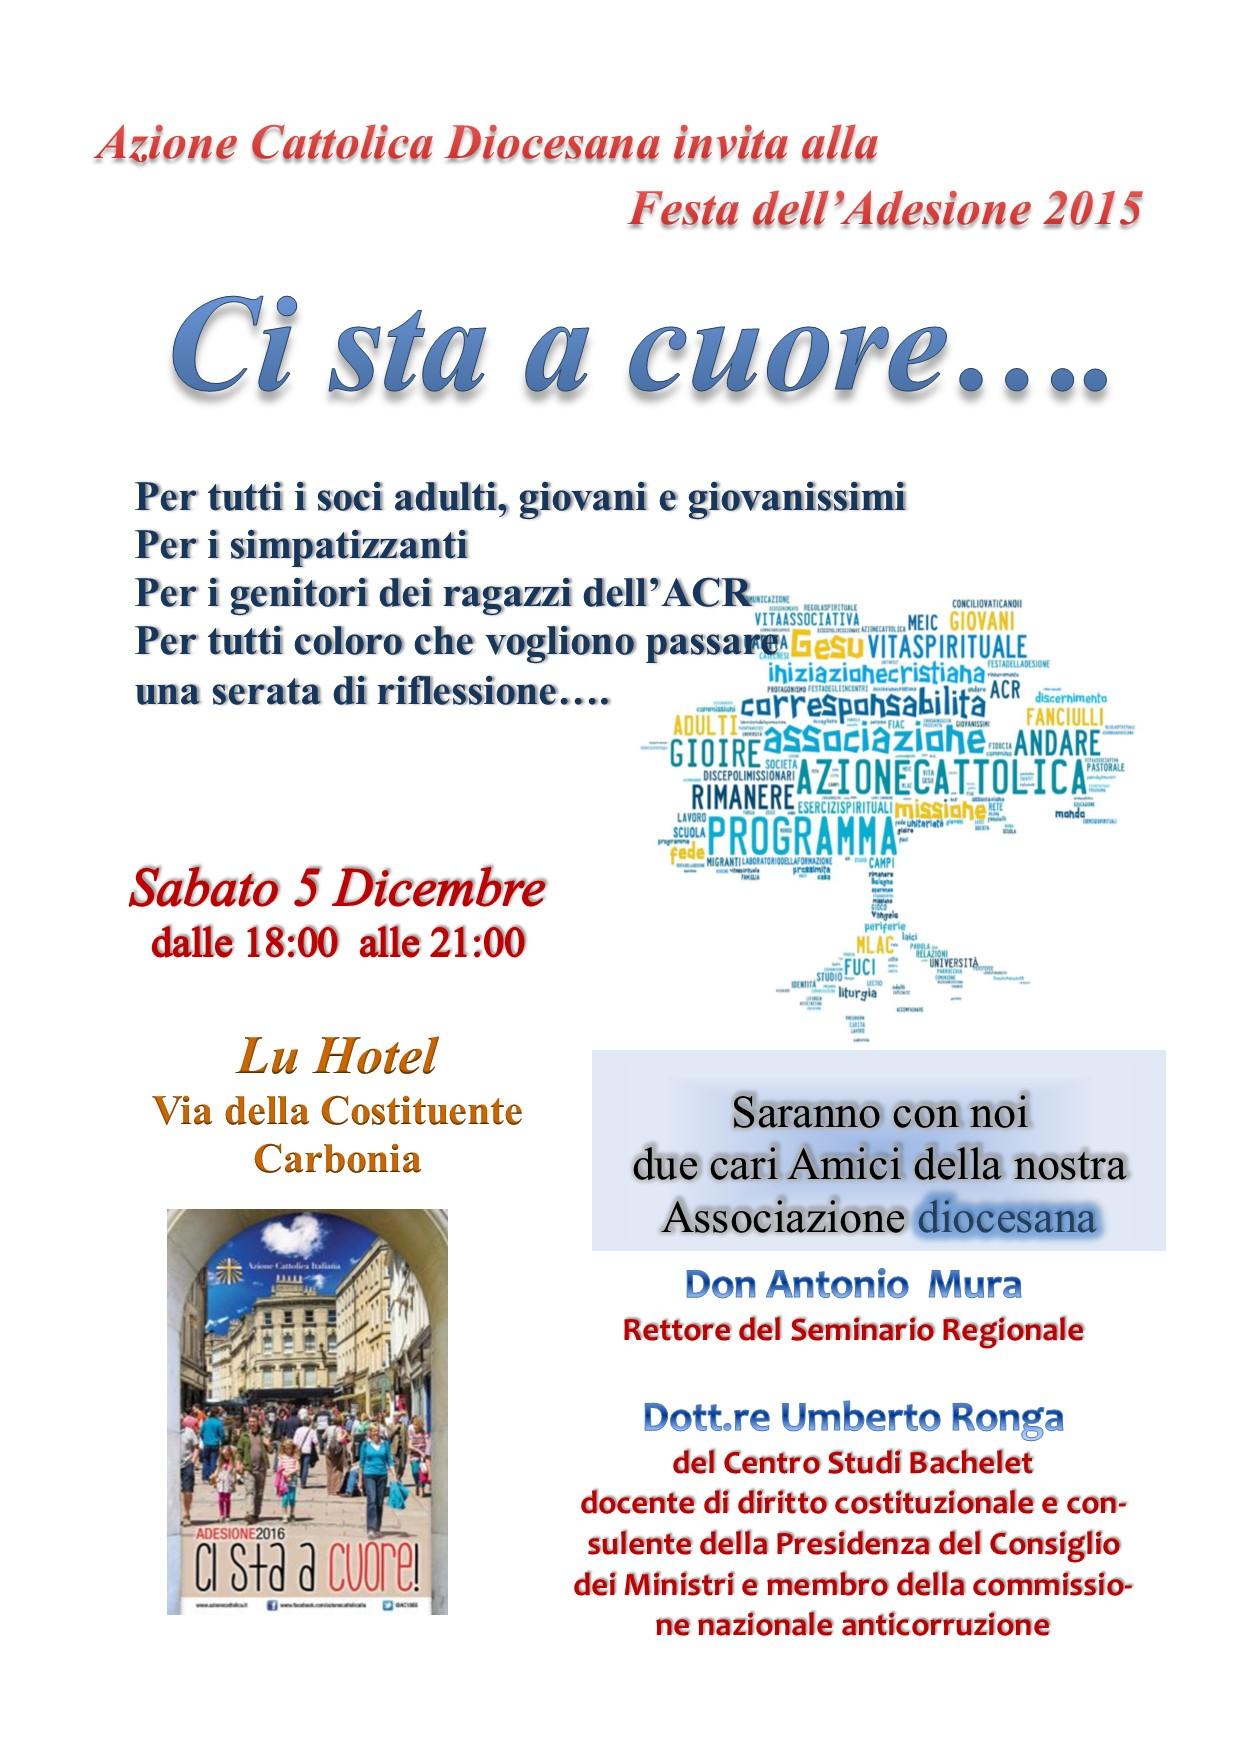 """L'Azione Cattolica Diocesana di Iglesias vi invita all'incontro """"Ci sta a cuore"""" presso il Centro Congressi del LU Hotel a Carbonia il 5 dicembre 2015."""